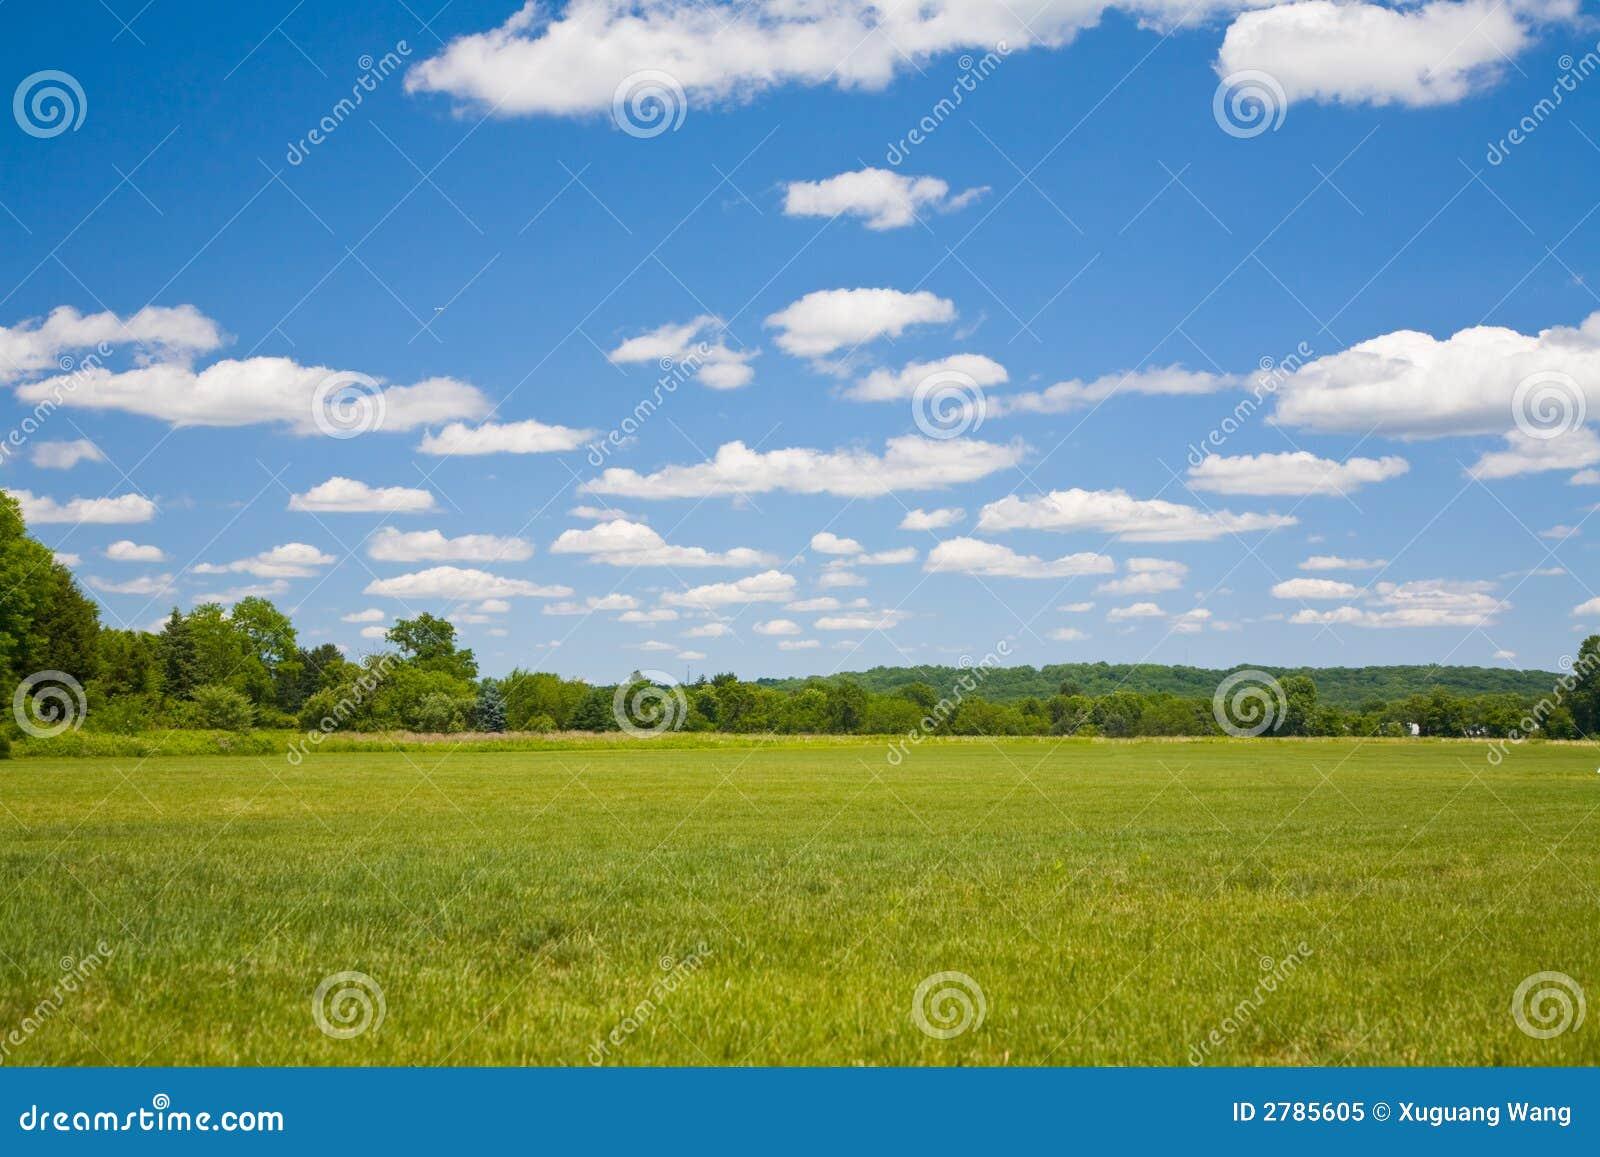 Blauer Himmel und grünes Gras